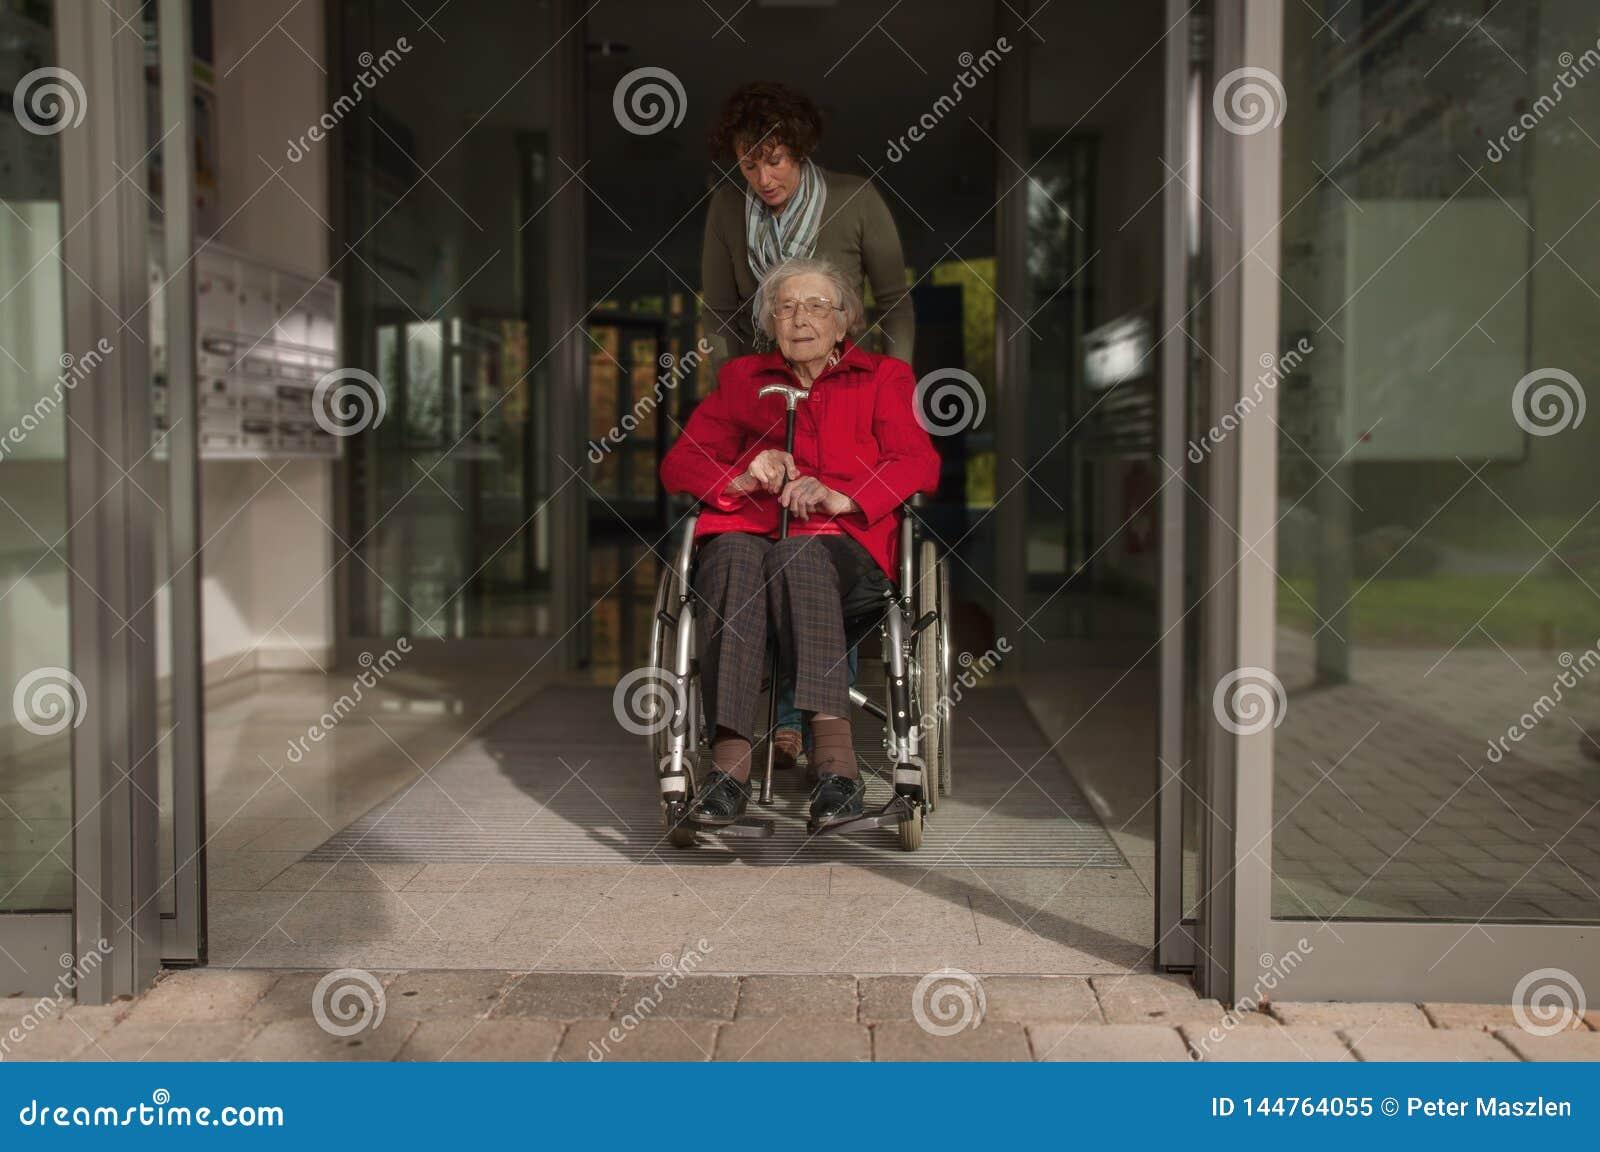 Junge Frau und ältere Frau, die den Einkauf anstrebt